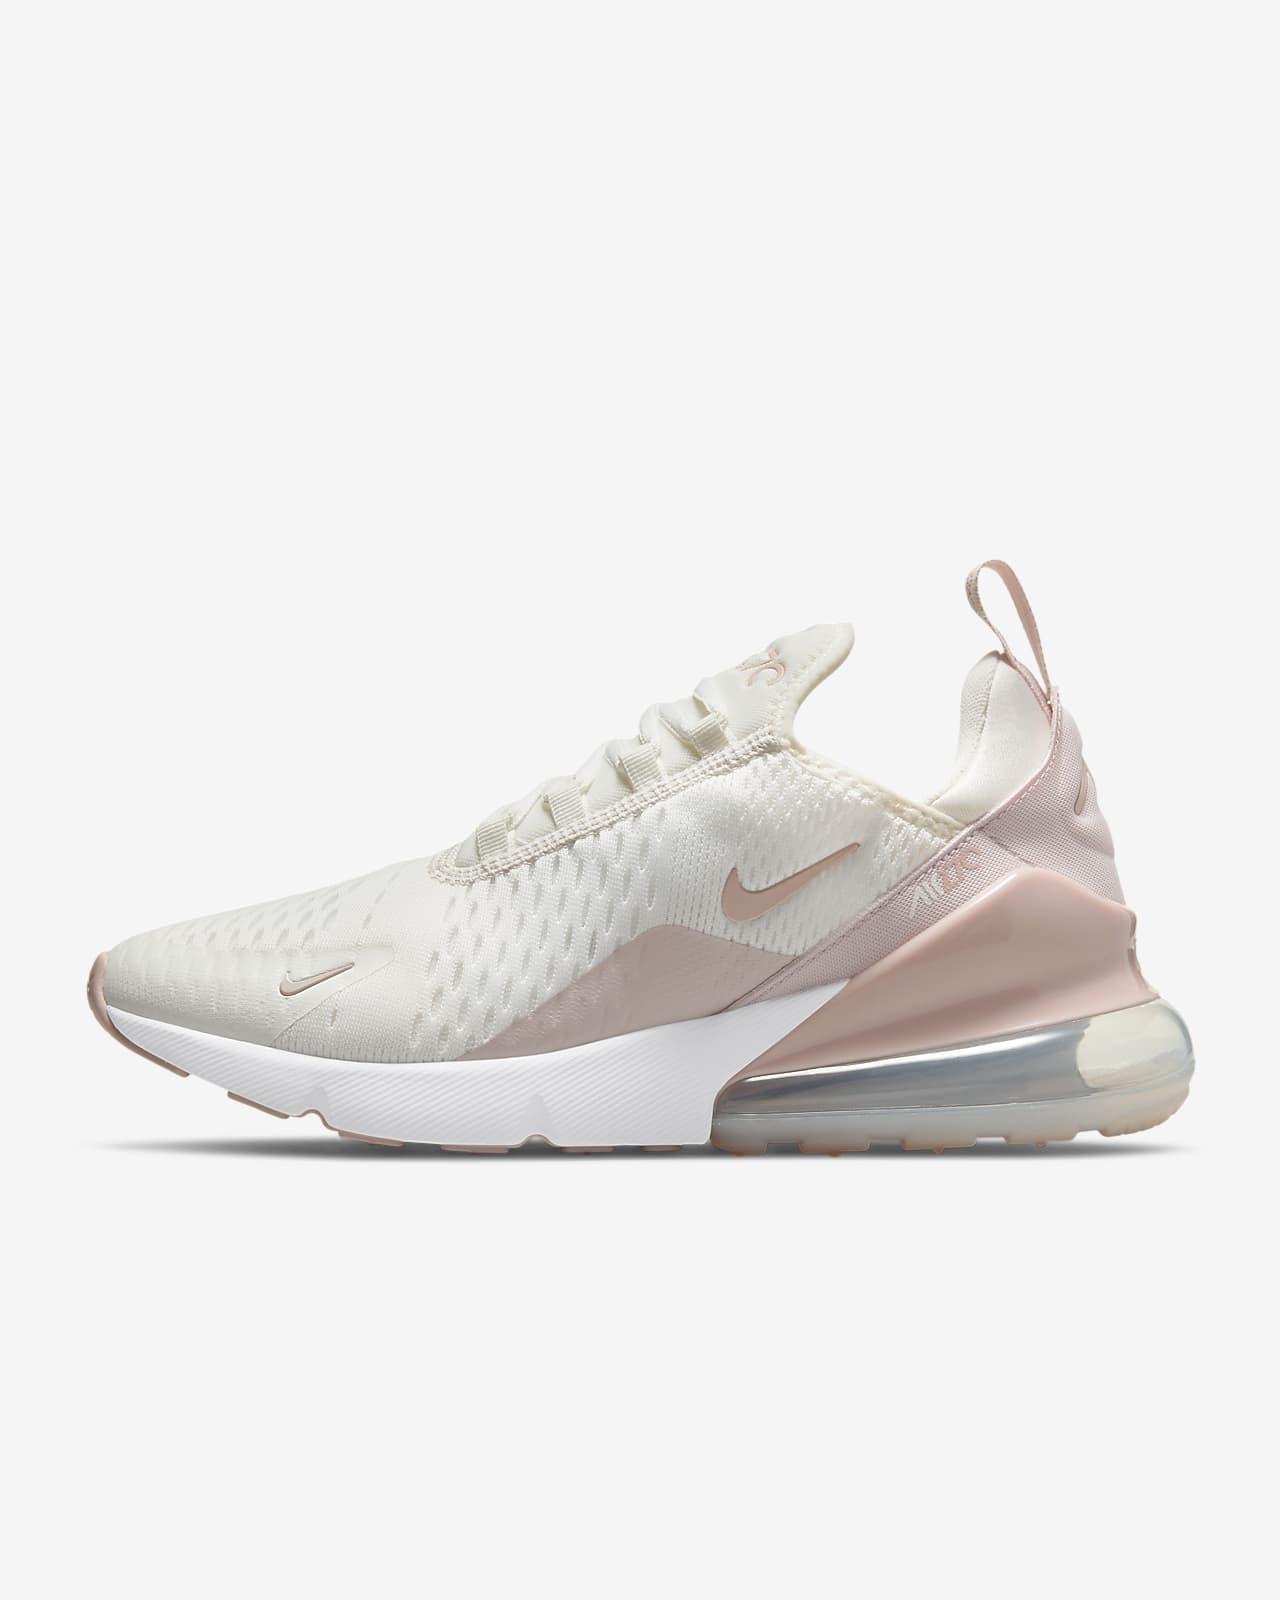 Chaussure Nike Air Max 270 Essential pour Femme